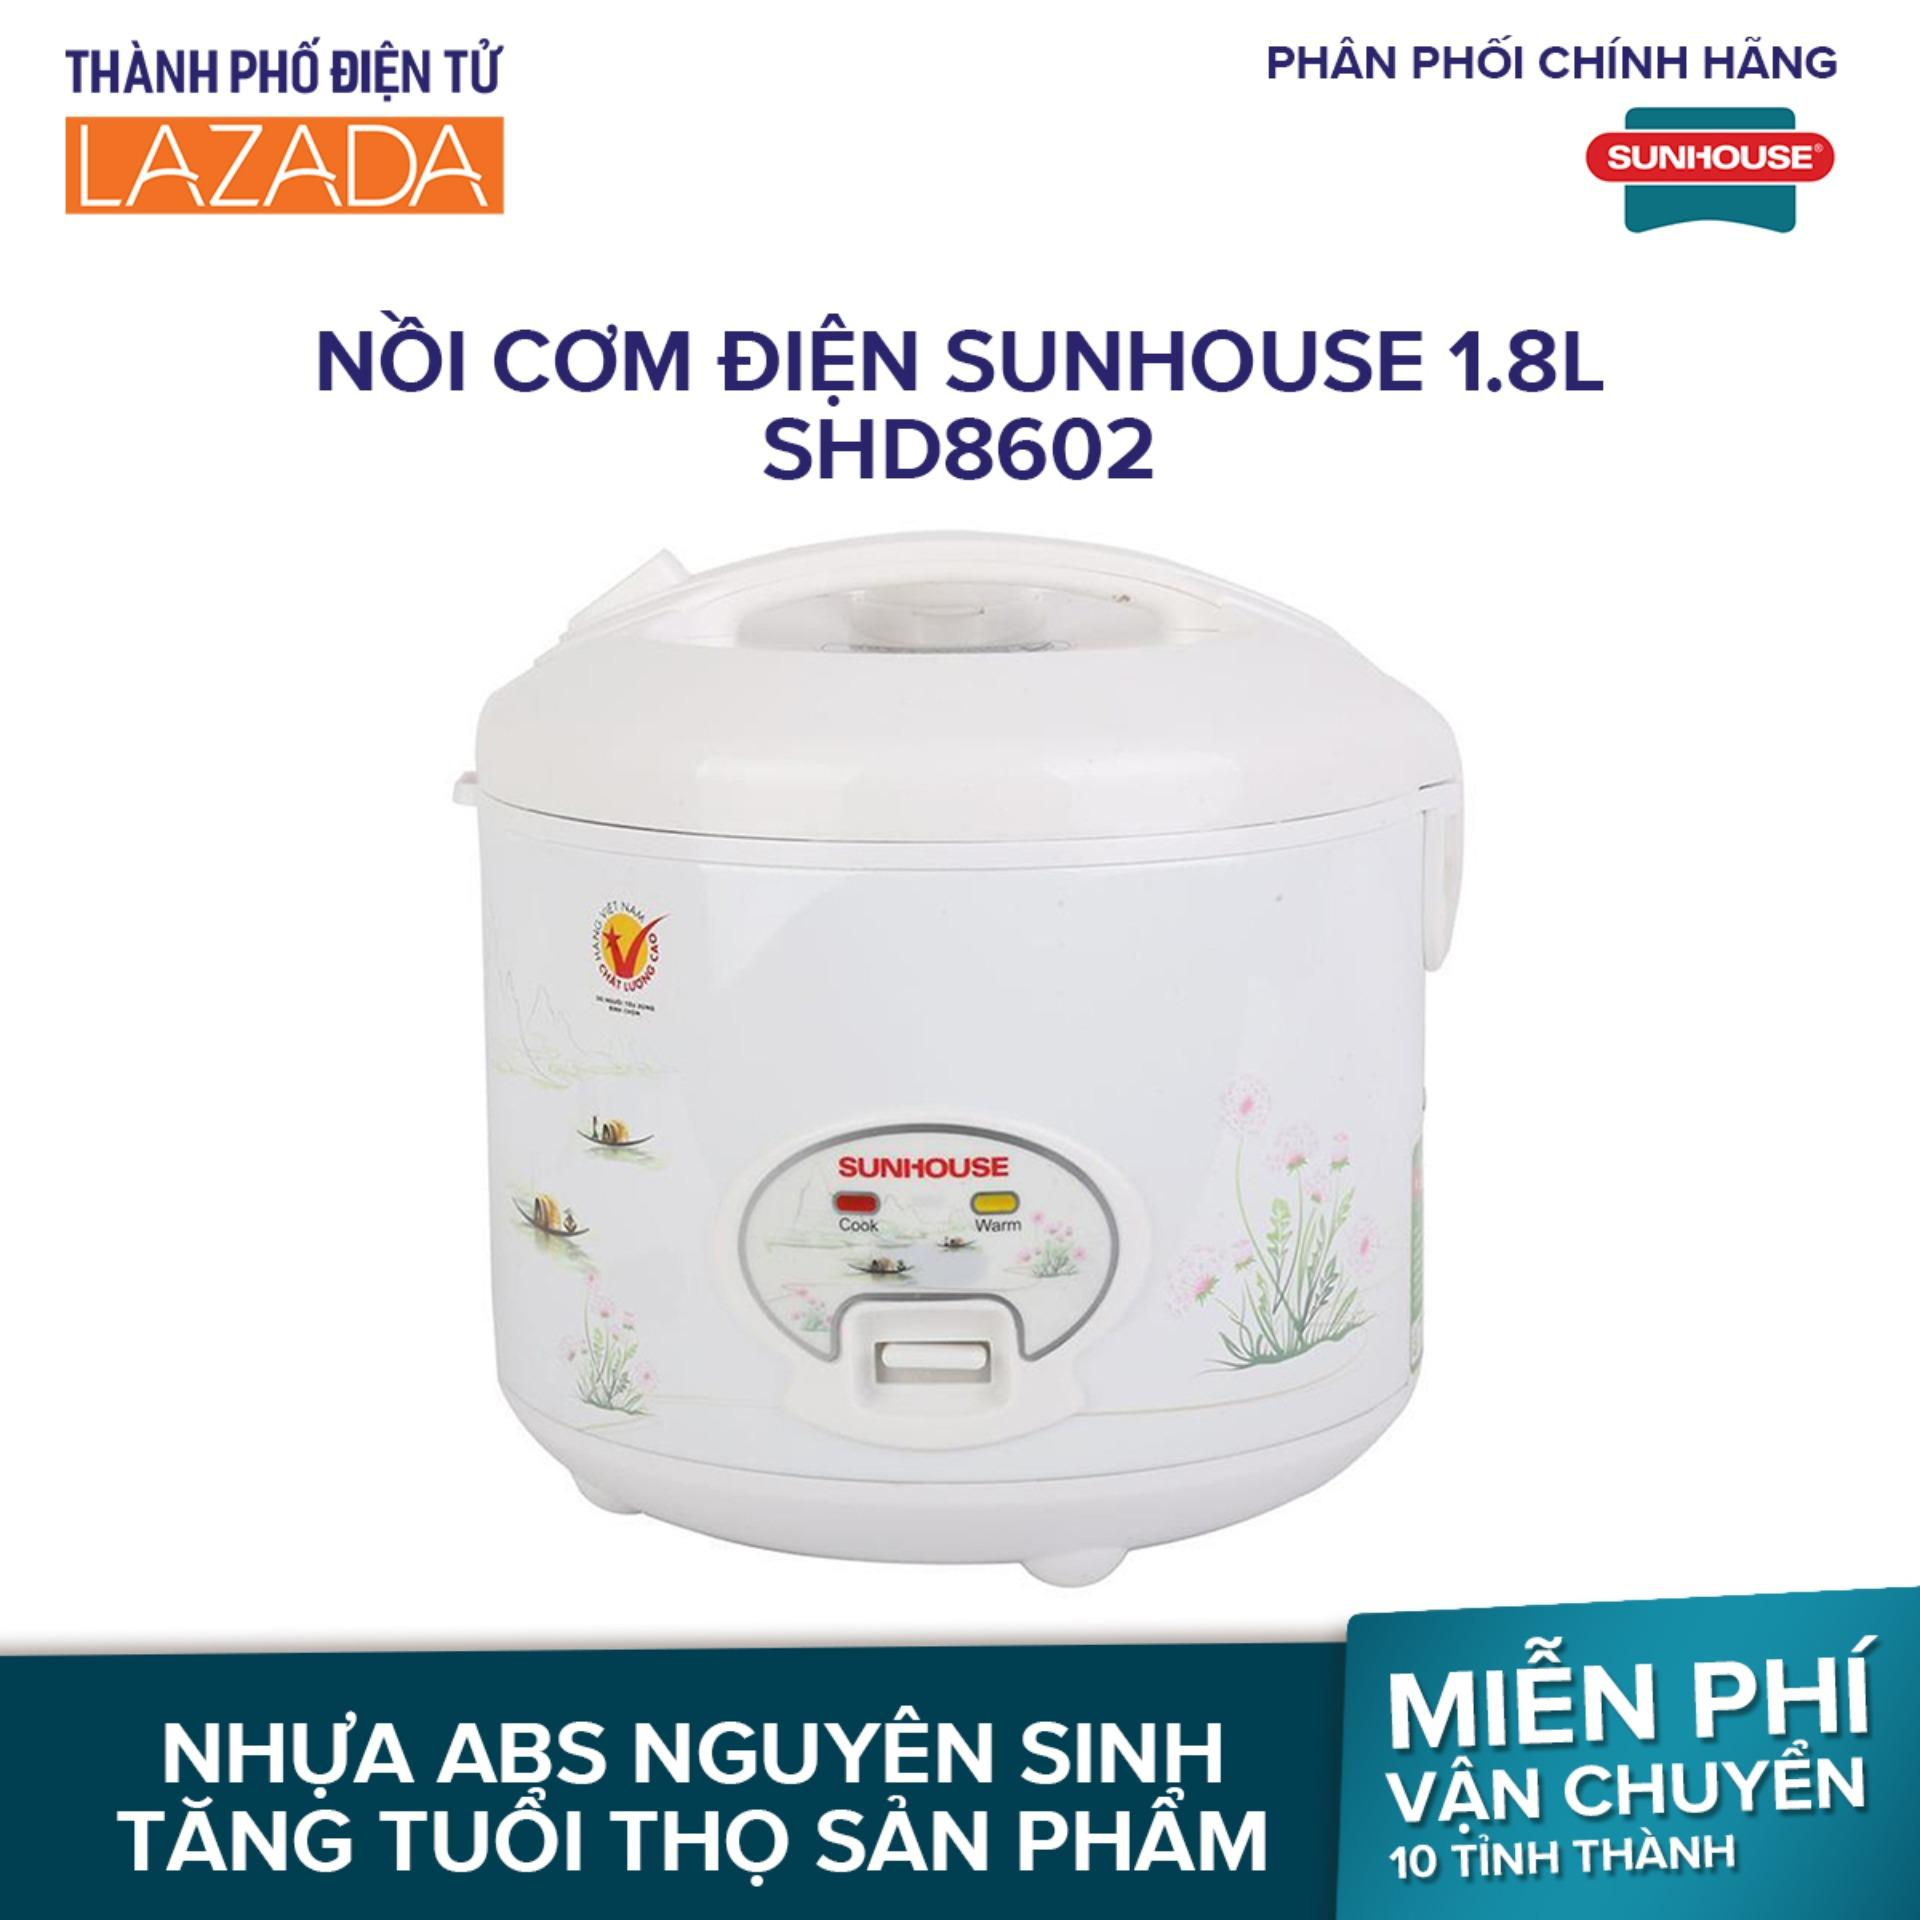 Nồi cơm điện Sunhouse 1.8L SHD8602 - thích hợp với nhu cầu sử dụng hàng ngày của những gia đình 4-6 thành viên - Hãng phân phối chính thức